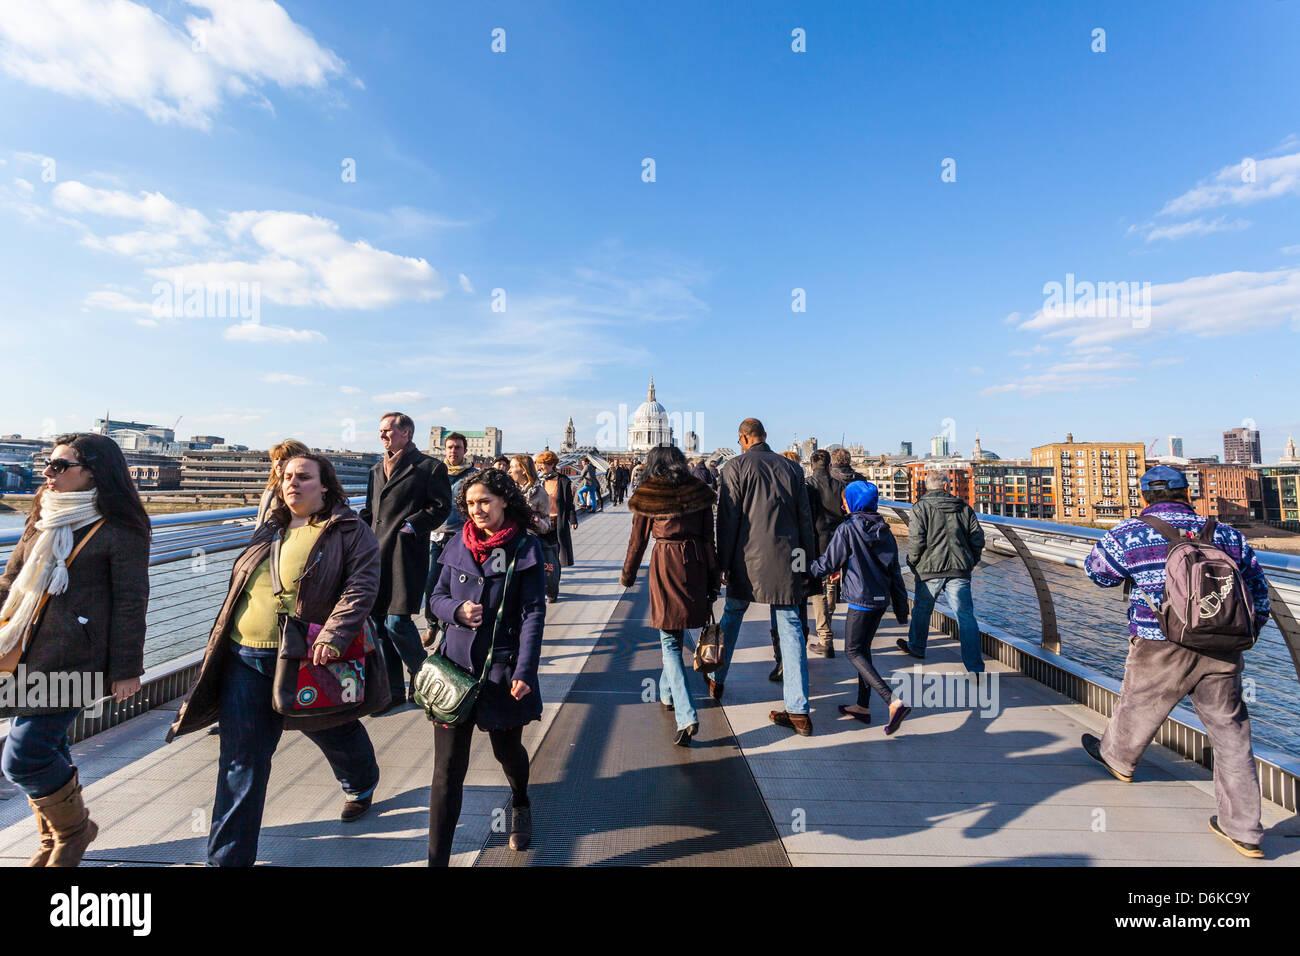 Los peatones cruzando el puente del milenio, Londres, Inglaterra, Reino Unido. Imagen De Stock